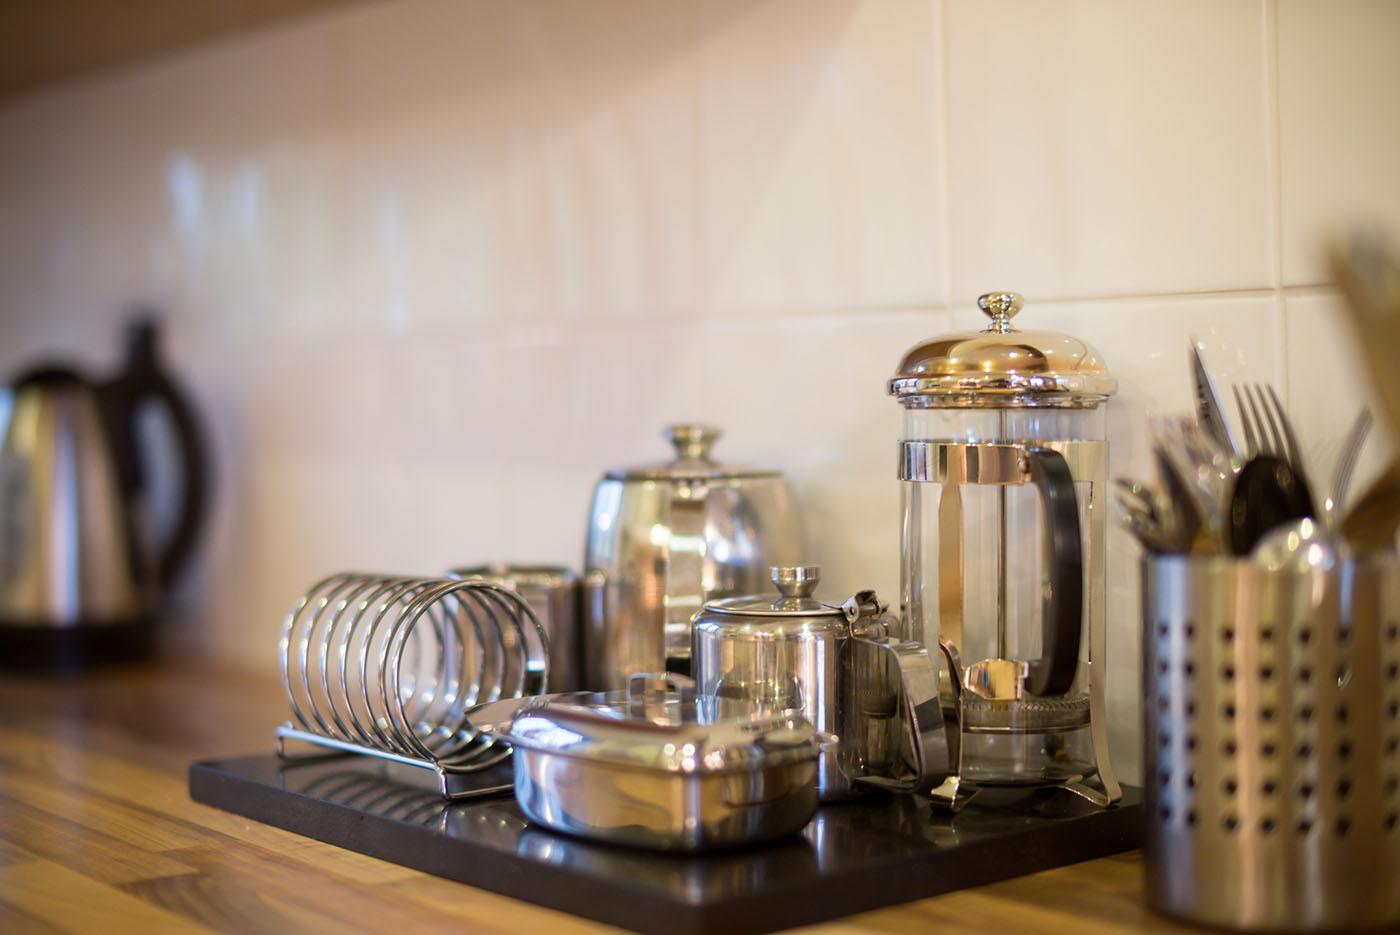 Linhay kitchen accessories